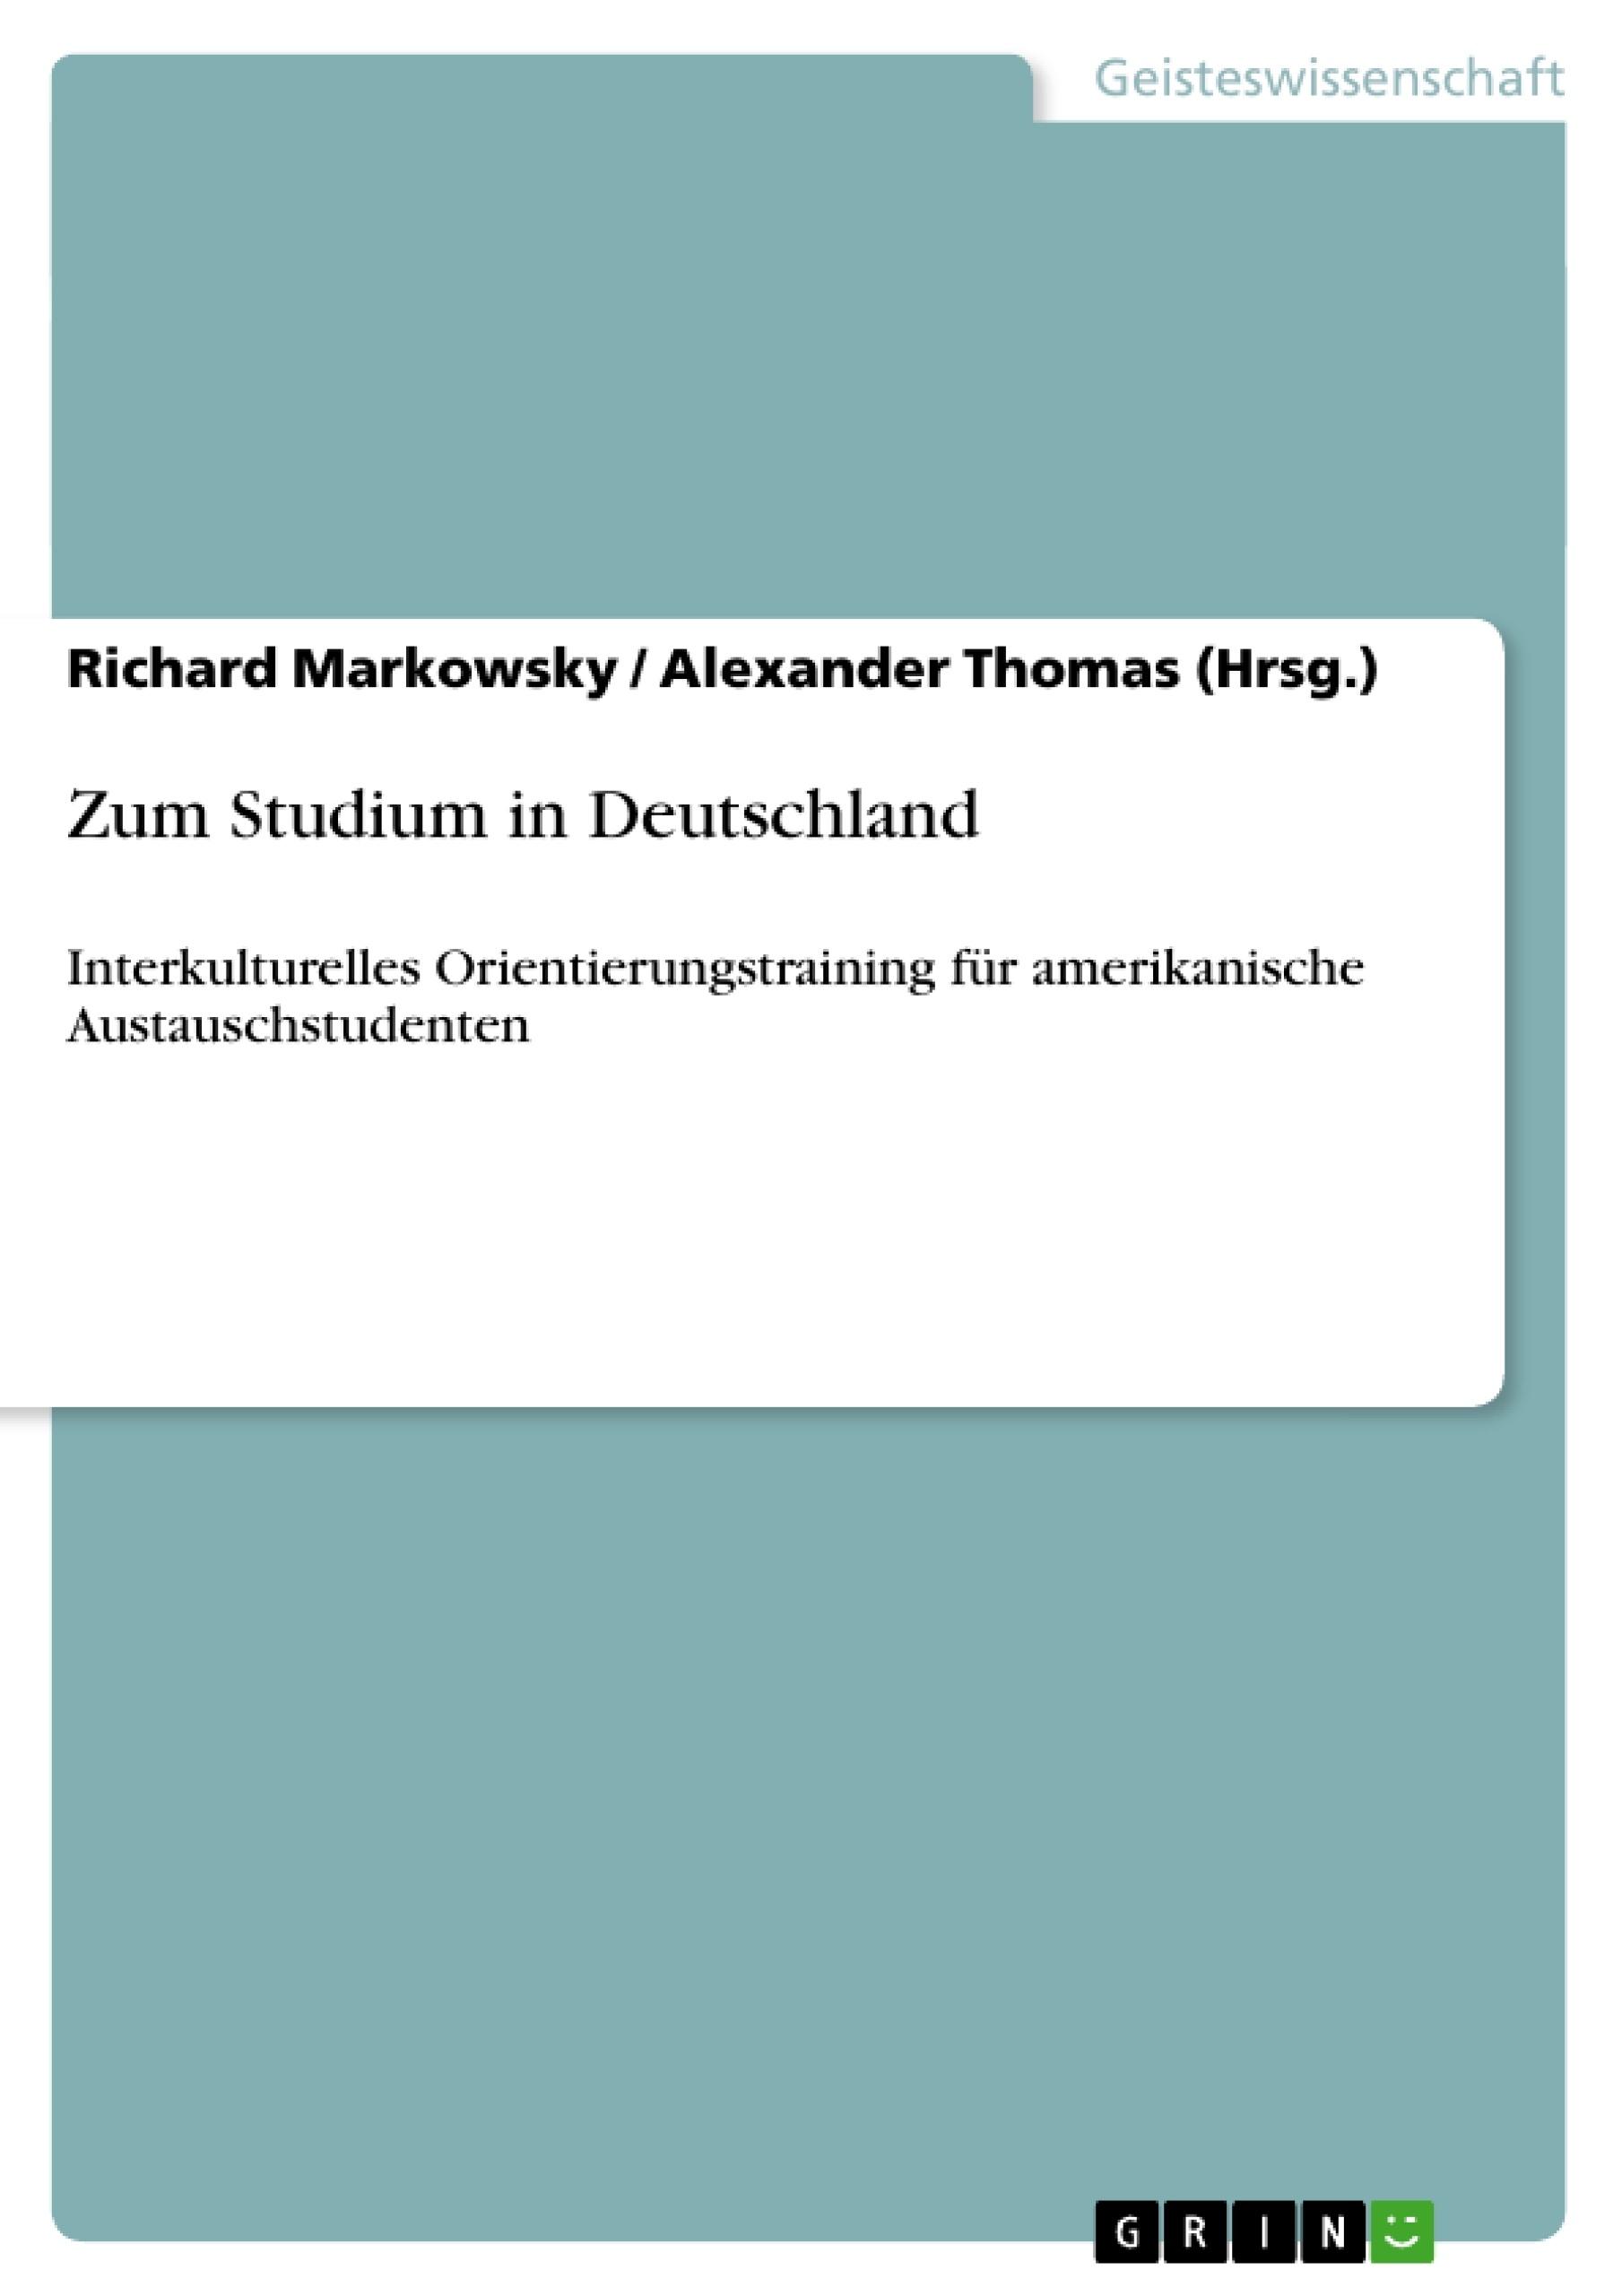 Titel: Zum Studium in Deutschland